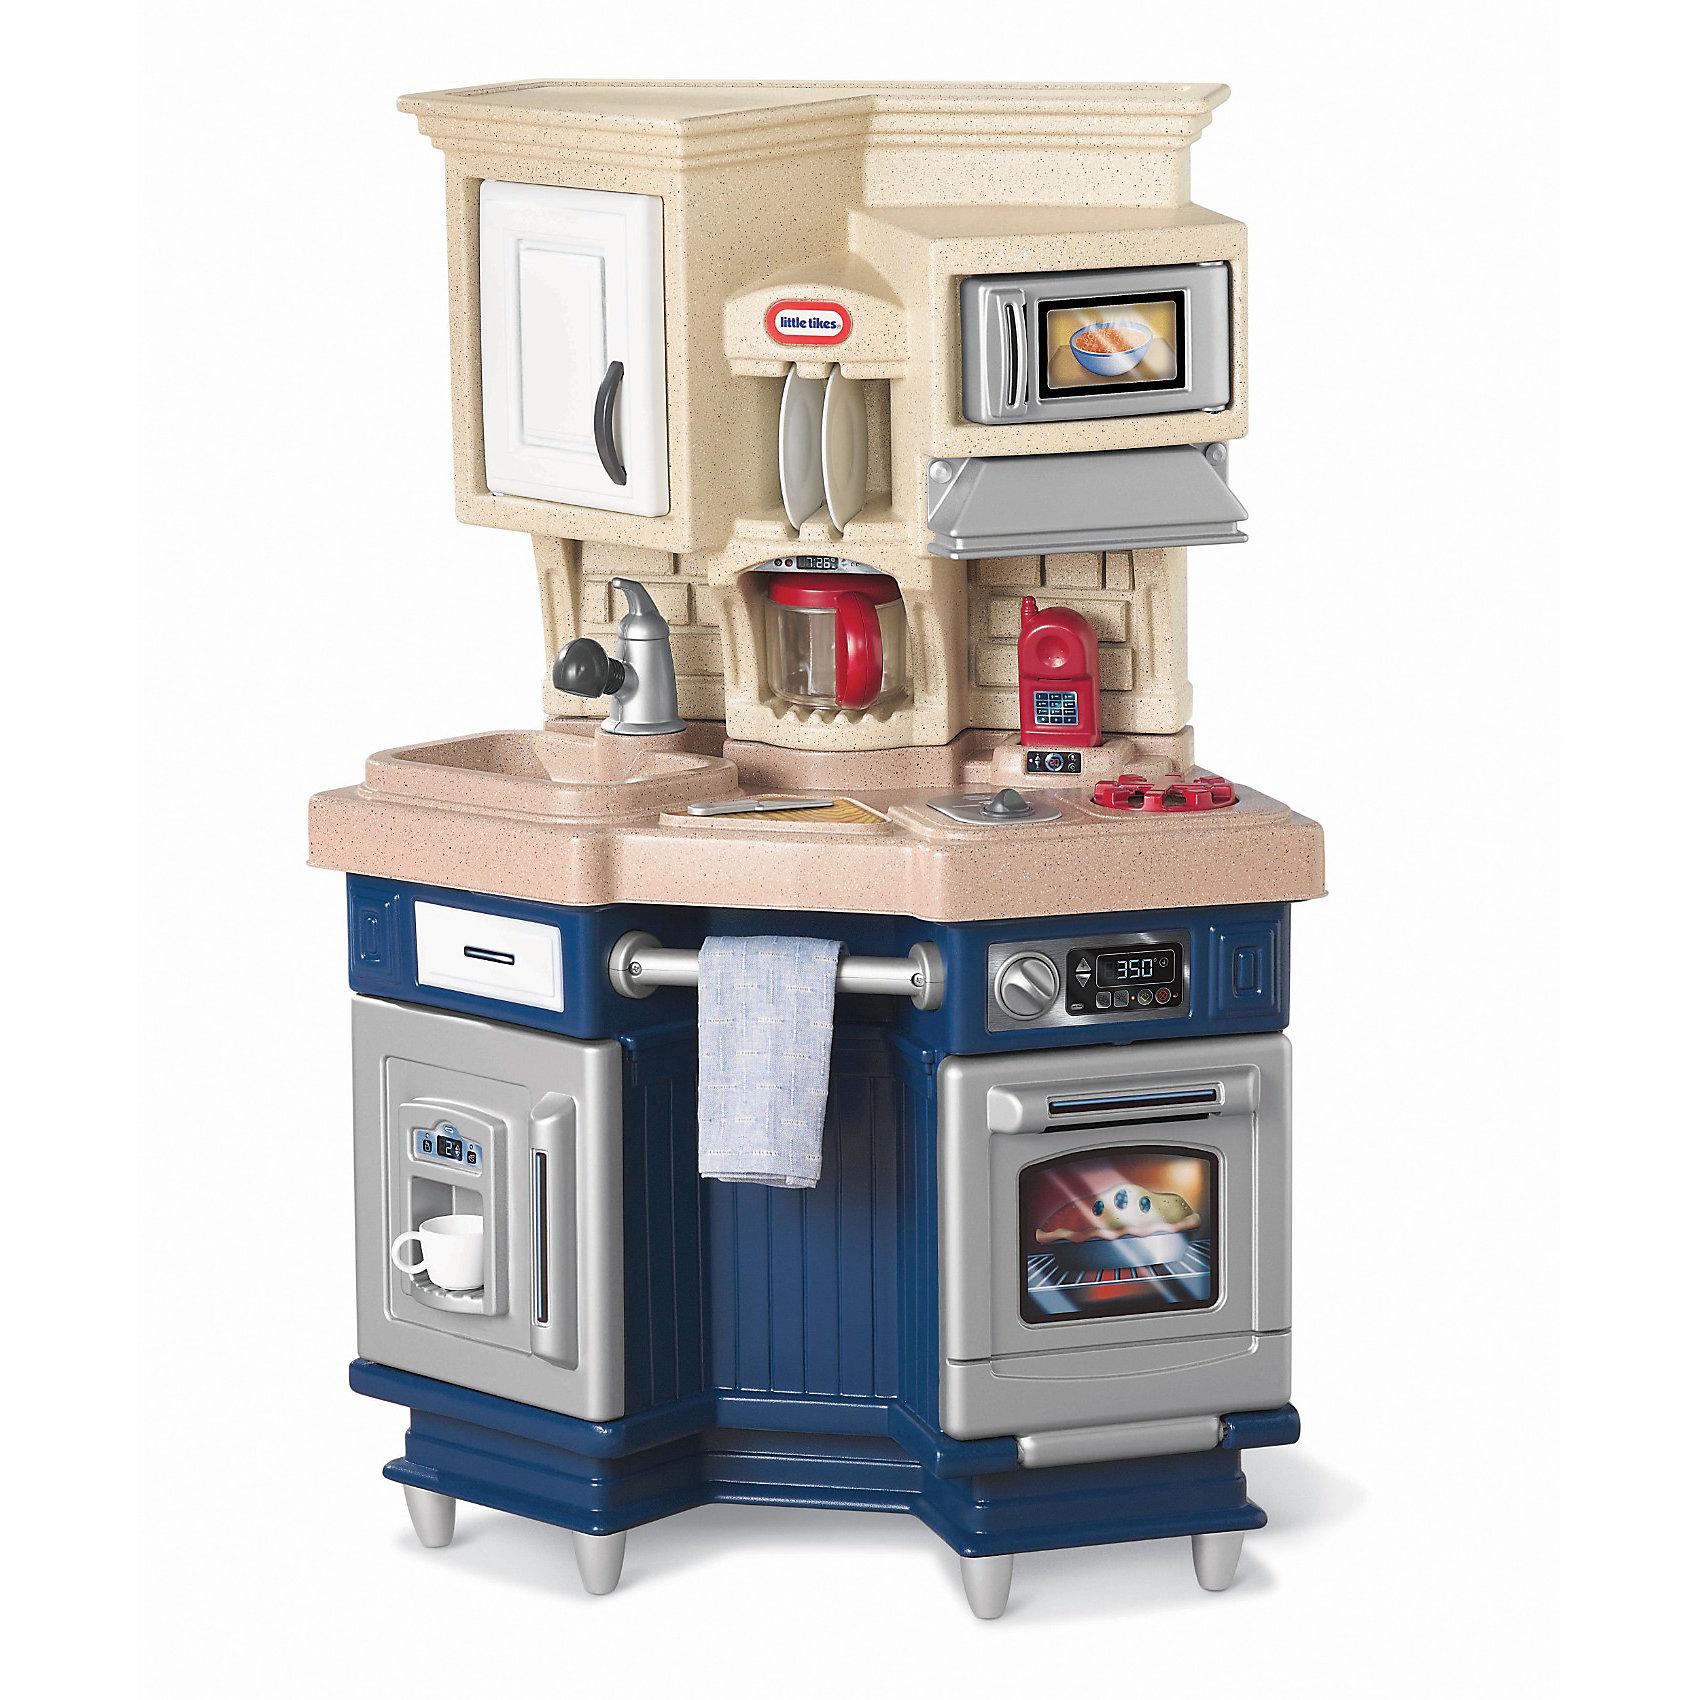 Кухня, со звуком, синяя, Little TikesДетские кухни<br>Кухня, со звуком, синяя, Little Tikes (Литтл Тайкс) – это удивительная игрушка, оснащенная бытовой техникой, которая как две капли воды похожа на взрослую. Ваша девочка сможет почувствовать себя настоящим кулинаром – ведь в ее распоряжении бытовая техника с многочисленными звуковыми и световыми эффектами. Стильная кухня оформлена в двух цветах: светлый верх, где располагаются микроволновая печь, шкаф и полочки для хранения посуды, выполнен из материалов «под камень». Нижняя часть оформлена в синих тонах. Внизу детям удобно готовить в духовке и пользоваться холодильником. Над плитой есть вытяжка. Все дверцы открываются. На мини кухне даже есть мобильный телефон, чтобы можно было быстро заказать продукты или позвонить друзьям и пригласить их на ужин.<br><br>Характеристики:<br>-Игрушка обладает игровыми и световыми эффектами (духовка и варочная панель издают звуки при включении, микроволновка снабжена звуковыми и световыми эффектами, во время приготовления пищи на конфорке слышен звук готовящейся еды, при открытии крана слышится звук воды)<br>-Развивает: логическое и абстрактное мышление, мелкую моторику, новые социальные роли, коммуникативные навыки<br>-Когда ребёнок подрастёт, высоту кухни можно будет увеличить с помощью ножек <br><br>Комплектация: детали для сборки кухни, аксессуары (2 тарелки, 2 вилки, 2 ложки, 2 ножа, 2 чашки, чайник, мобильный телефон, сковорода)<br><br>Дополнительная информация:<br>-Вес в упаковке: 10,2 кг<br>-Размеры в упаковке: 74х100х38 см <br>-Размеры собранной кухни: 102х71х36 см<br>-Материалы: пластик<br>-Требуется сборка<br>-Для питания игрушки необходимы 2 батарейки АА (в комплект не входят)<br><br>Порадуйте свою девочку супер-оригинальным подарком – мини-кухней, которая очень компактная, занимает мало места и принесет Вашему ребенку много радости! <br><br>Кухня, со звуком, синяя, Little Tikes (Литтл Тайкс) можно купить в нашем магазине.<br><br>Ширина мм: 385<br>Глубина мм: 1000<br>Вы